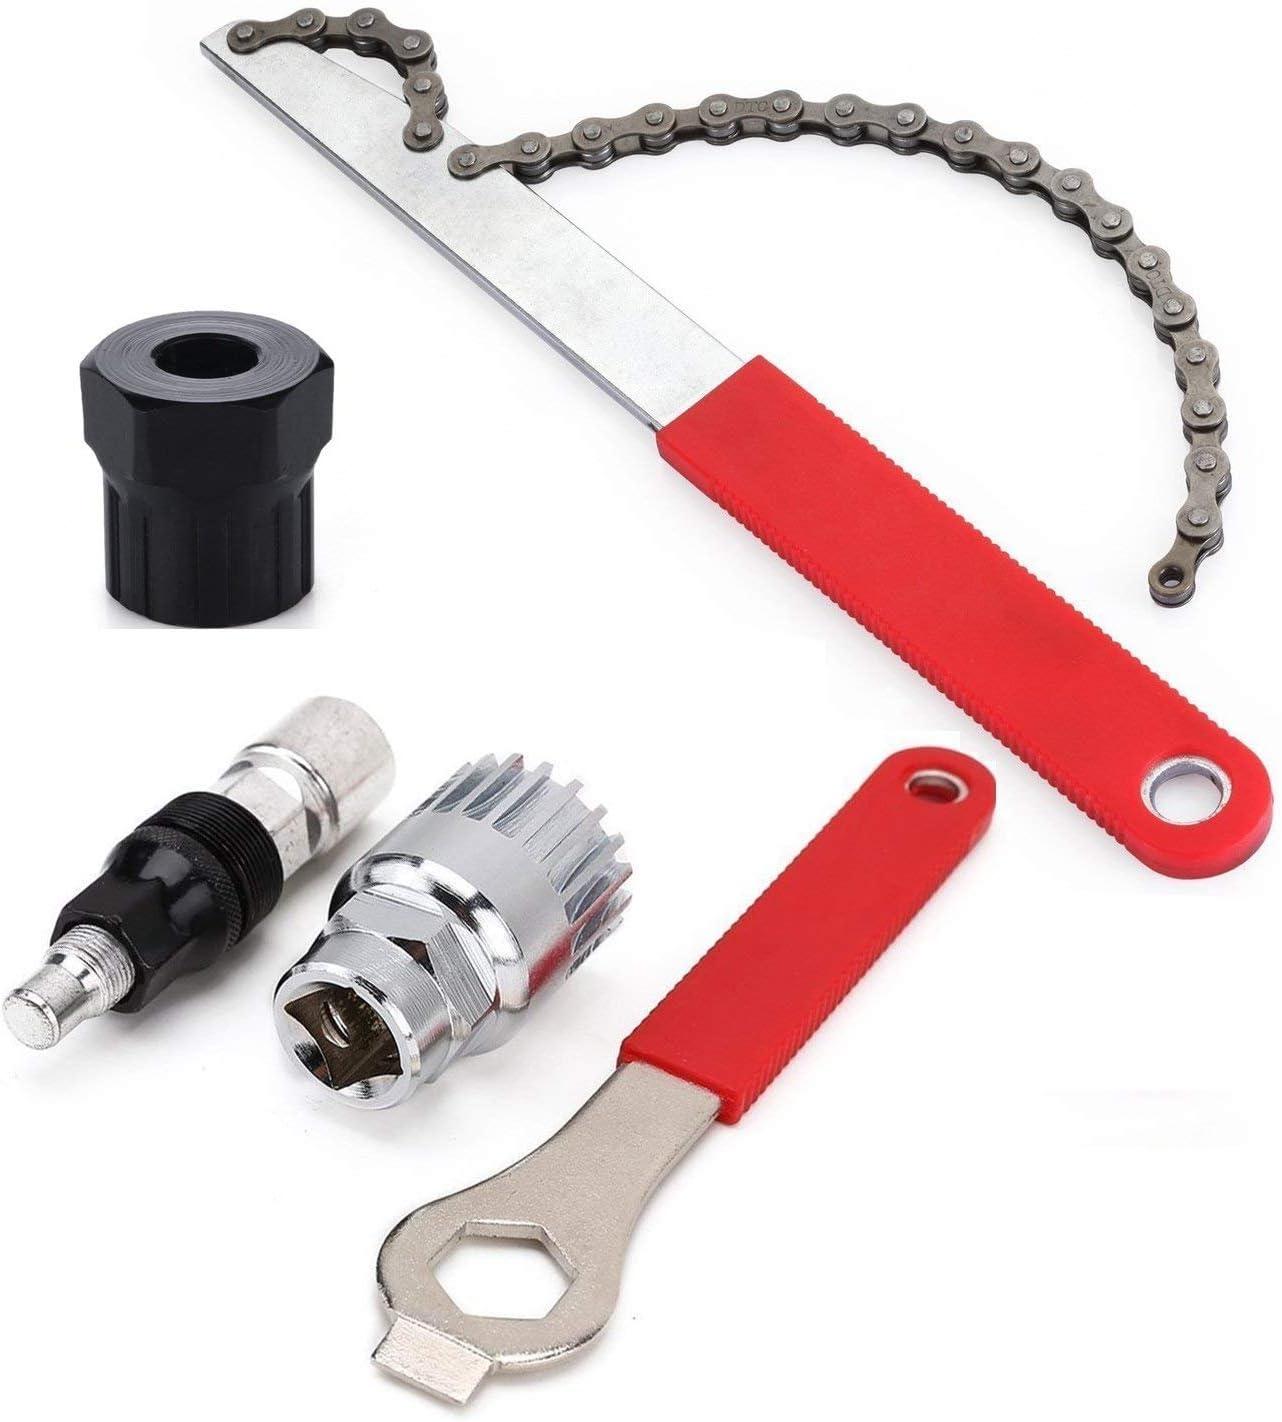 Cuasting - Extractor de manivela de bicicleta para pedalier y reparación de llaves de pedalier: Amazon.es: Deportes y aire libre